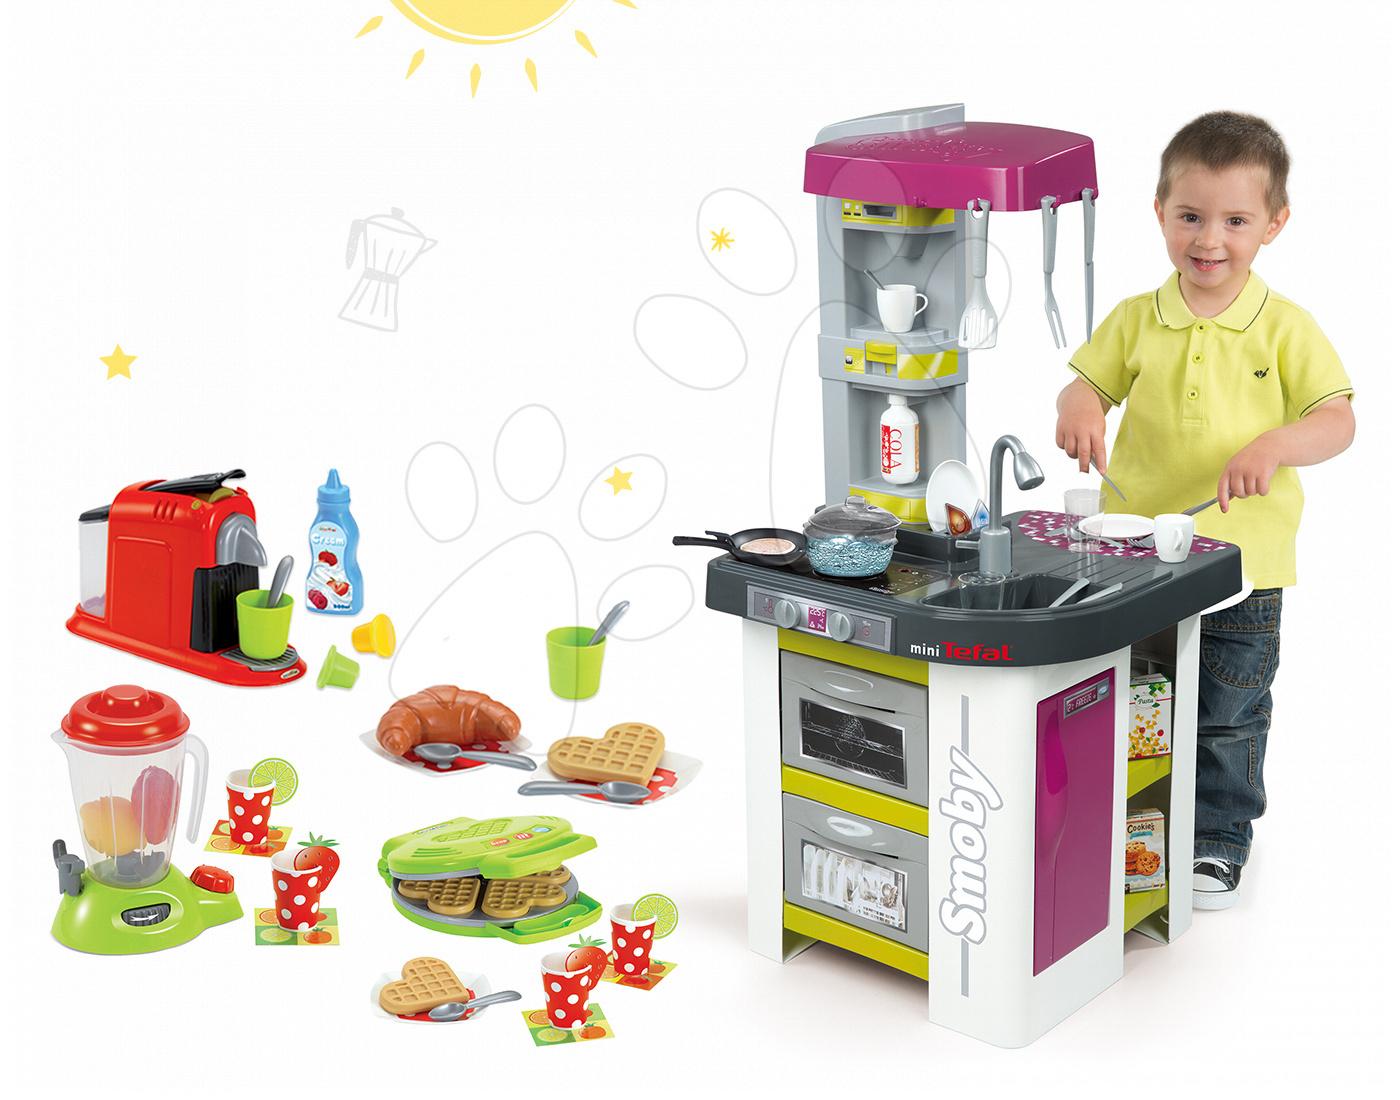 Set kuchyňka Tefal Studio Barbecue a Écoiffier vaflovač s mixérem a kávovarem 311027-20